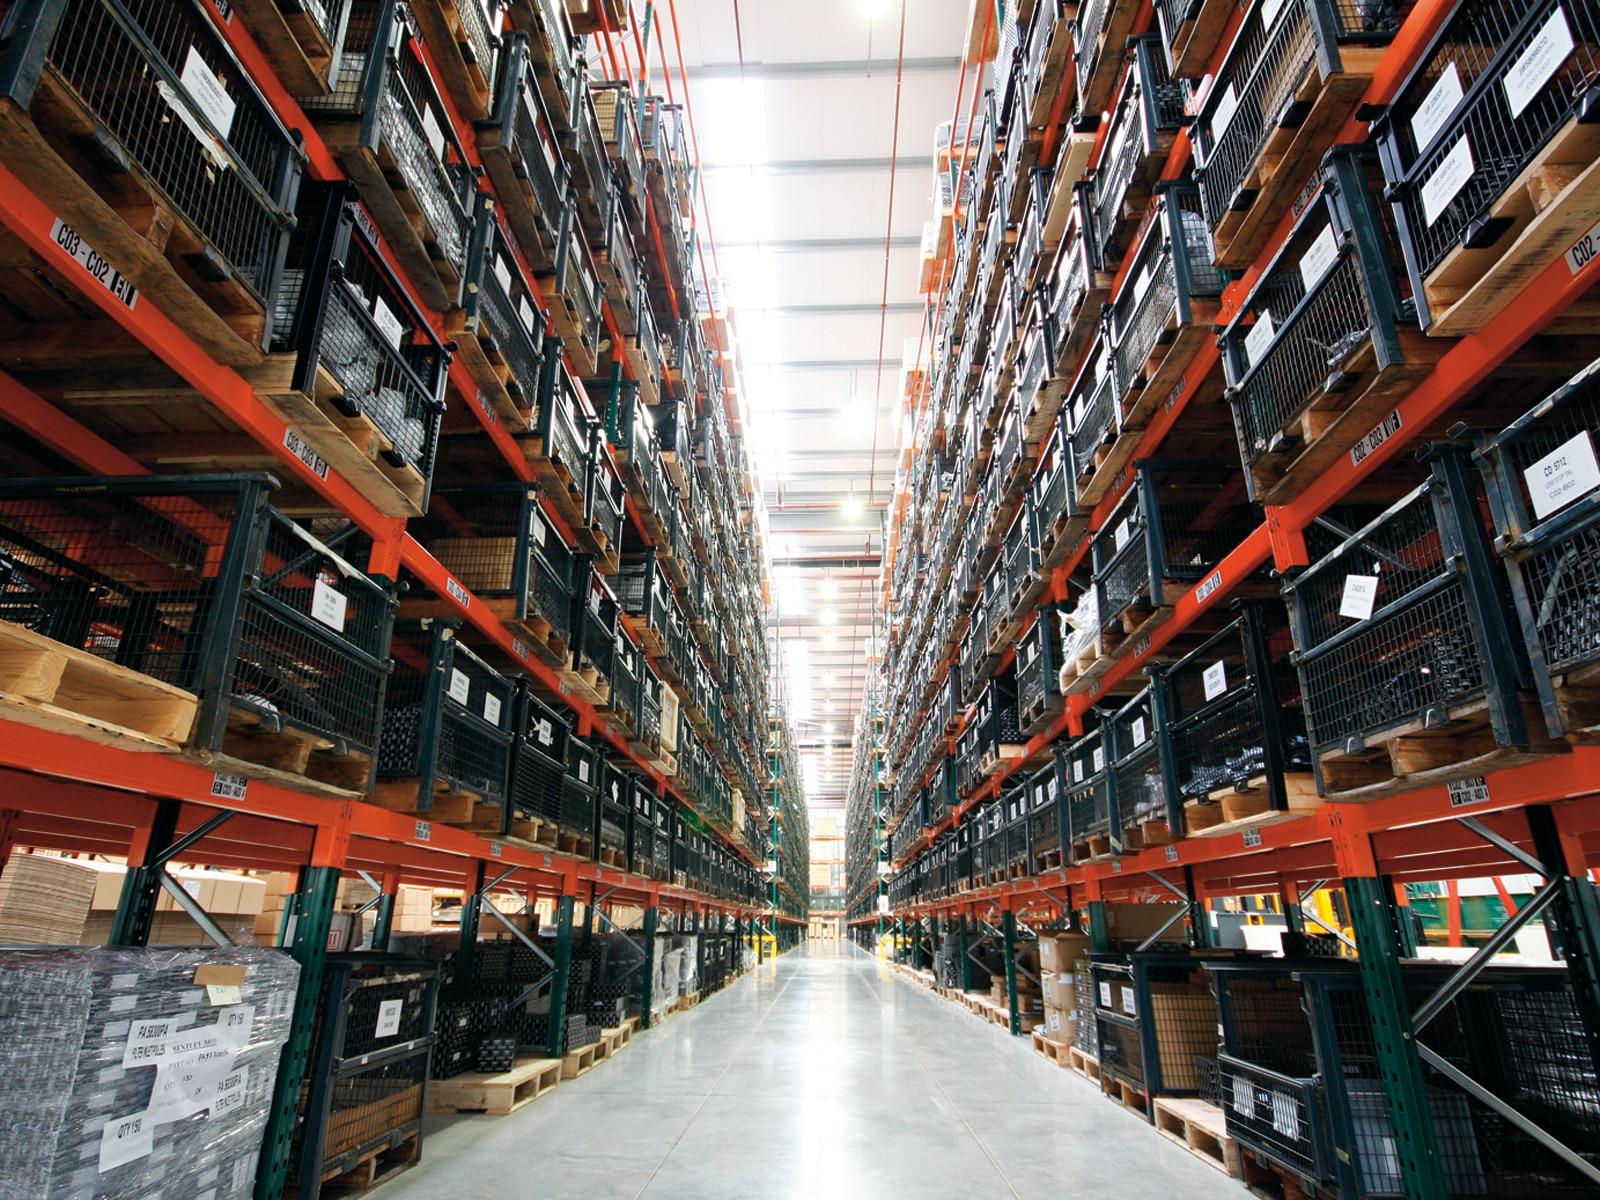 0912 01 Z Bentleys Parts Warehouse Sale Crewe England